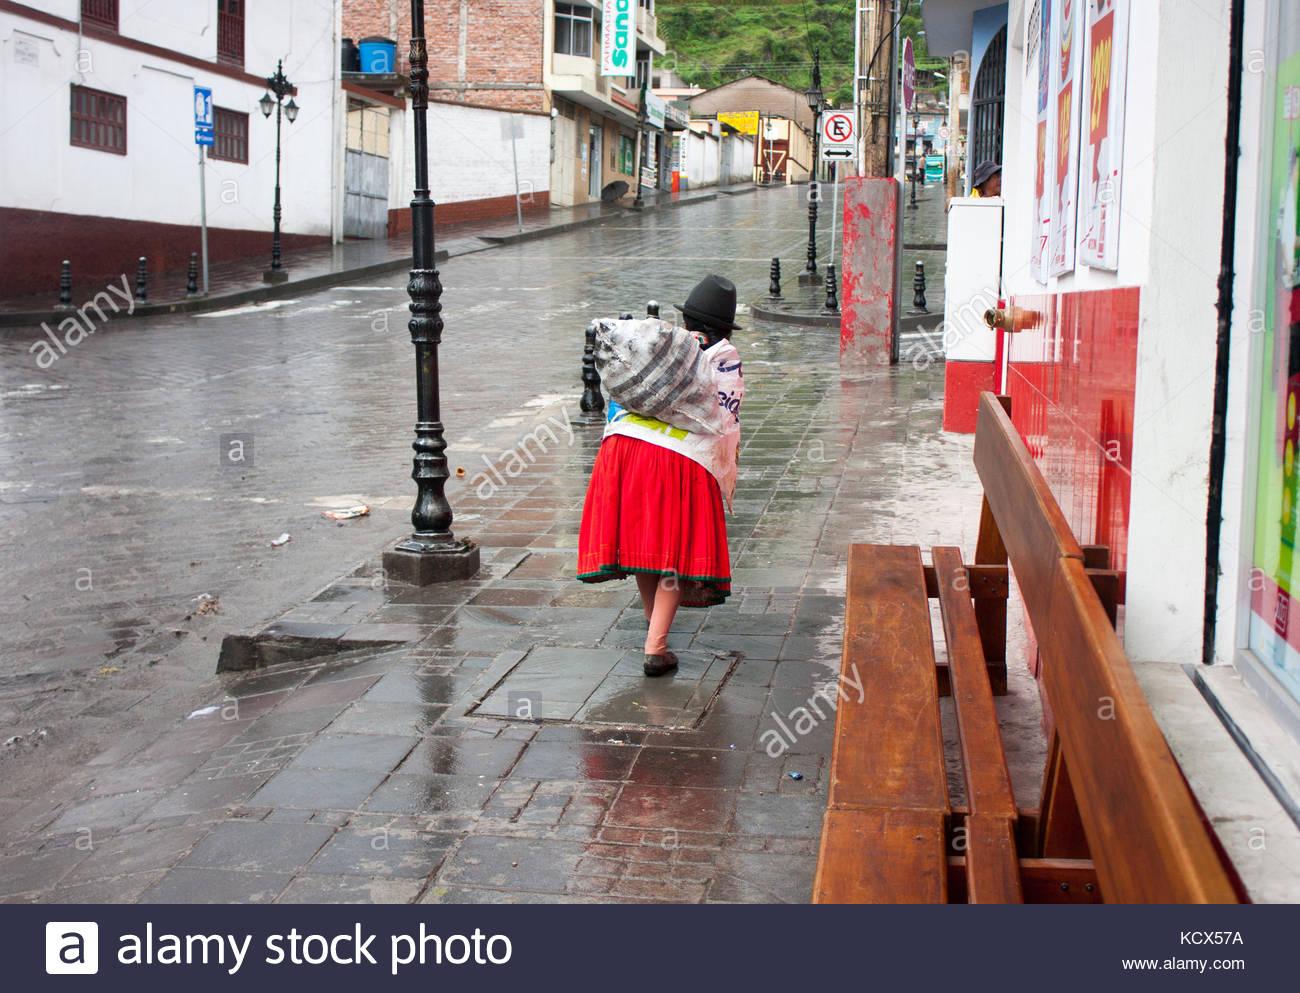 Pueblo ecuatoriano de estilos de vida. La posterior de una mujer con sombrero  tradicional y c0c6f3b7ed7